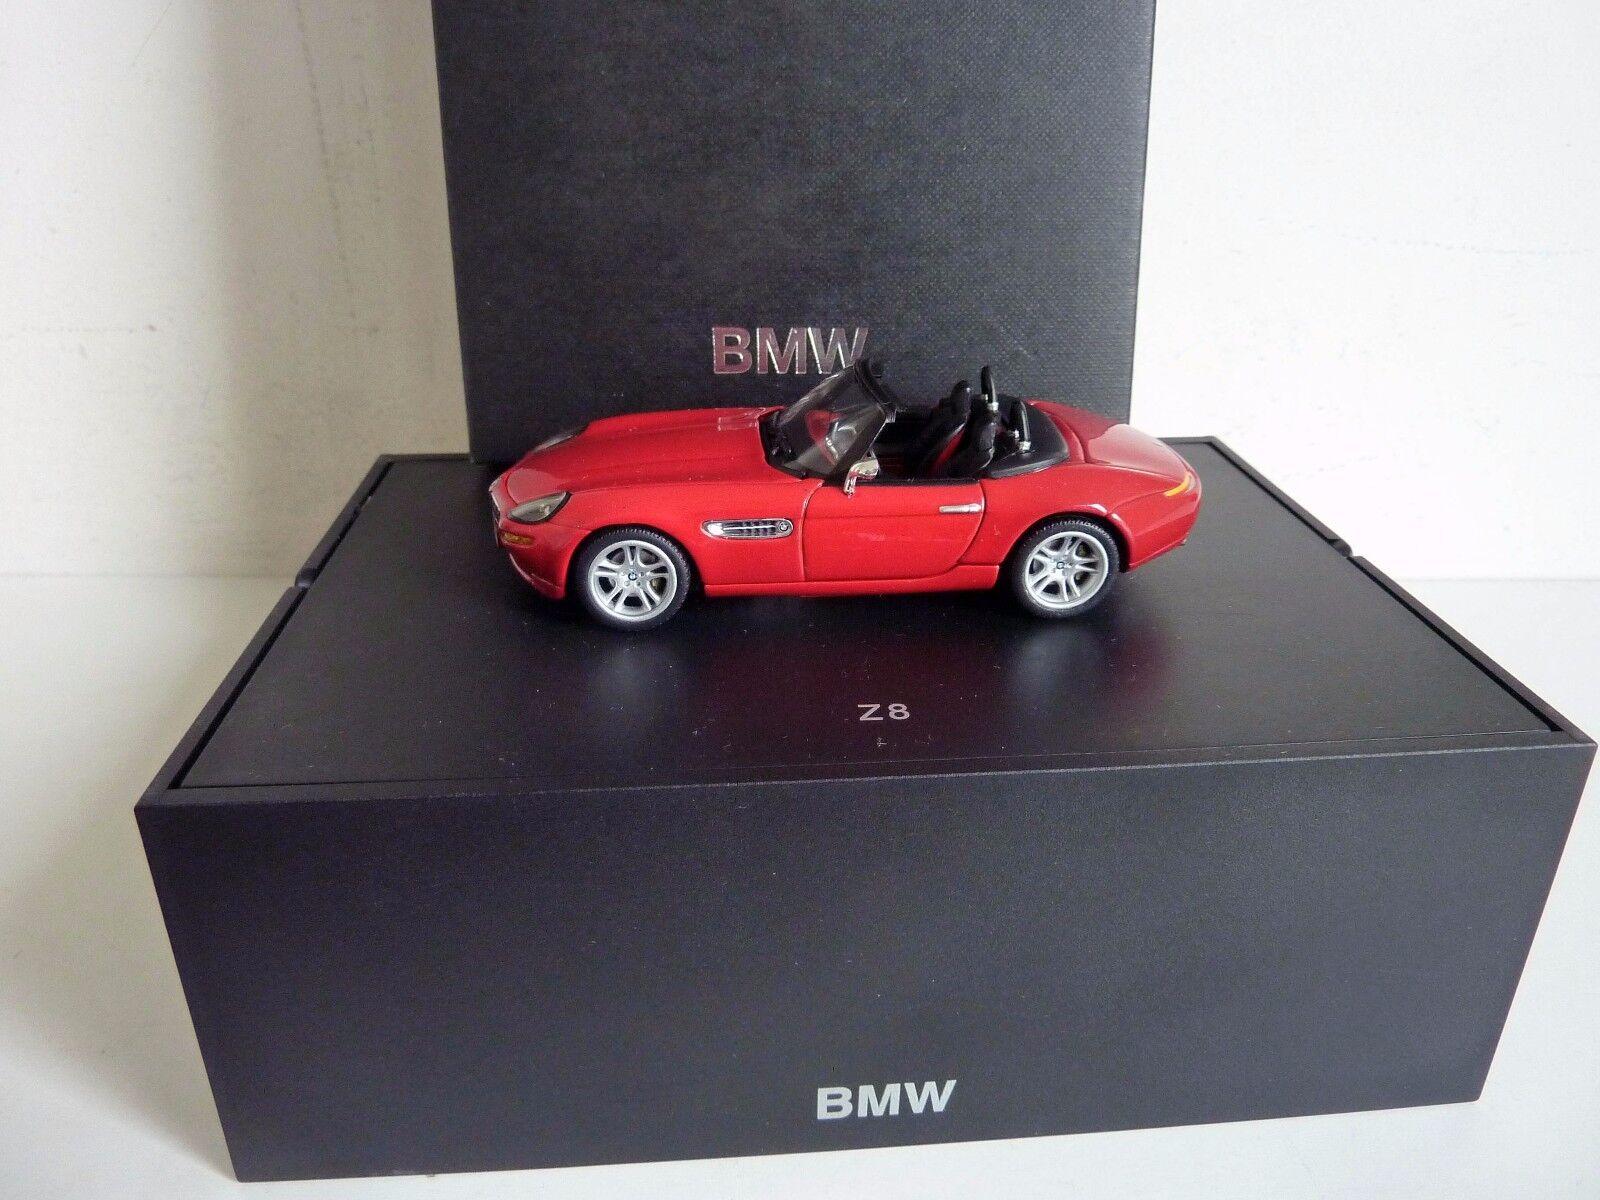 MINICHAMPS BMW Z8 CABRIOLET red 1 43 COFFRET REVENDEUR COMME NEUF